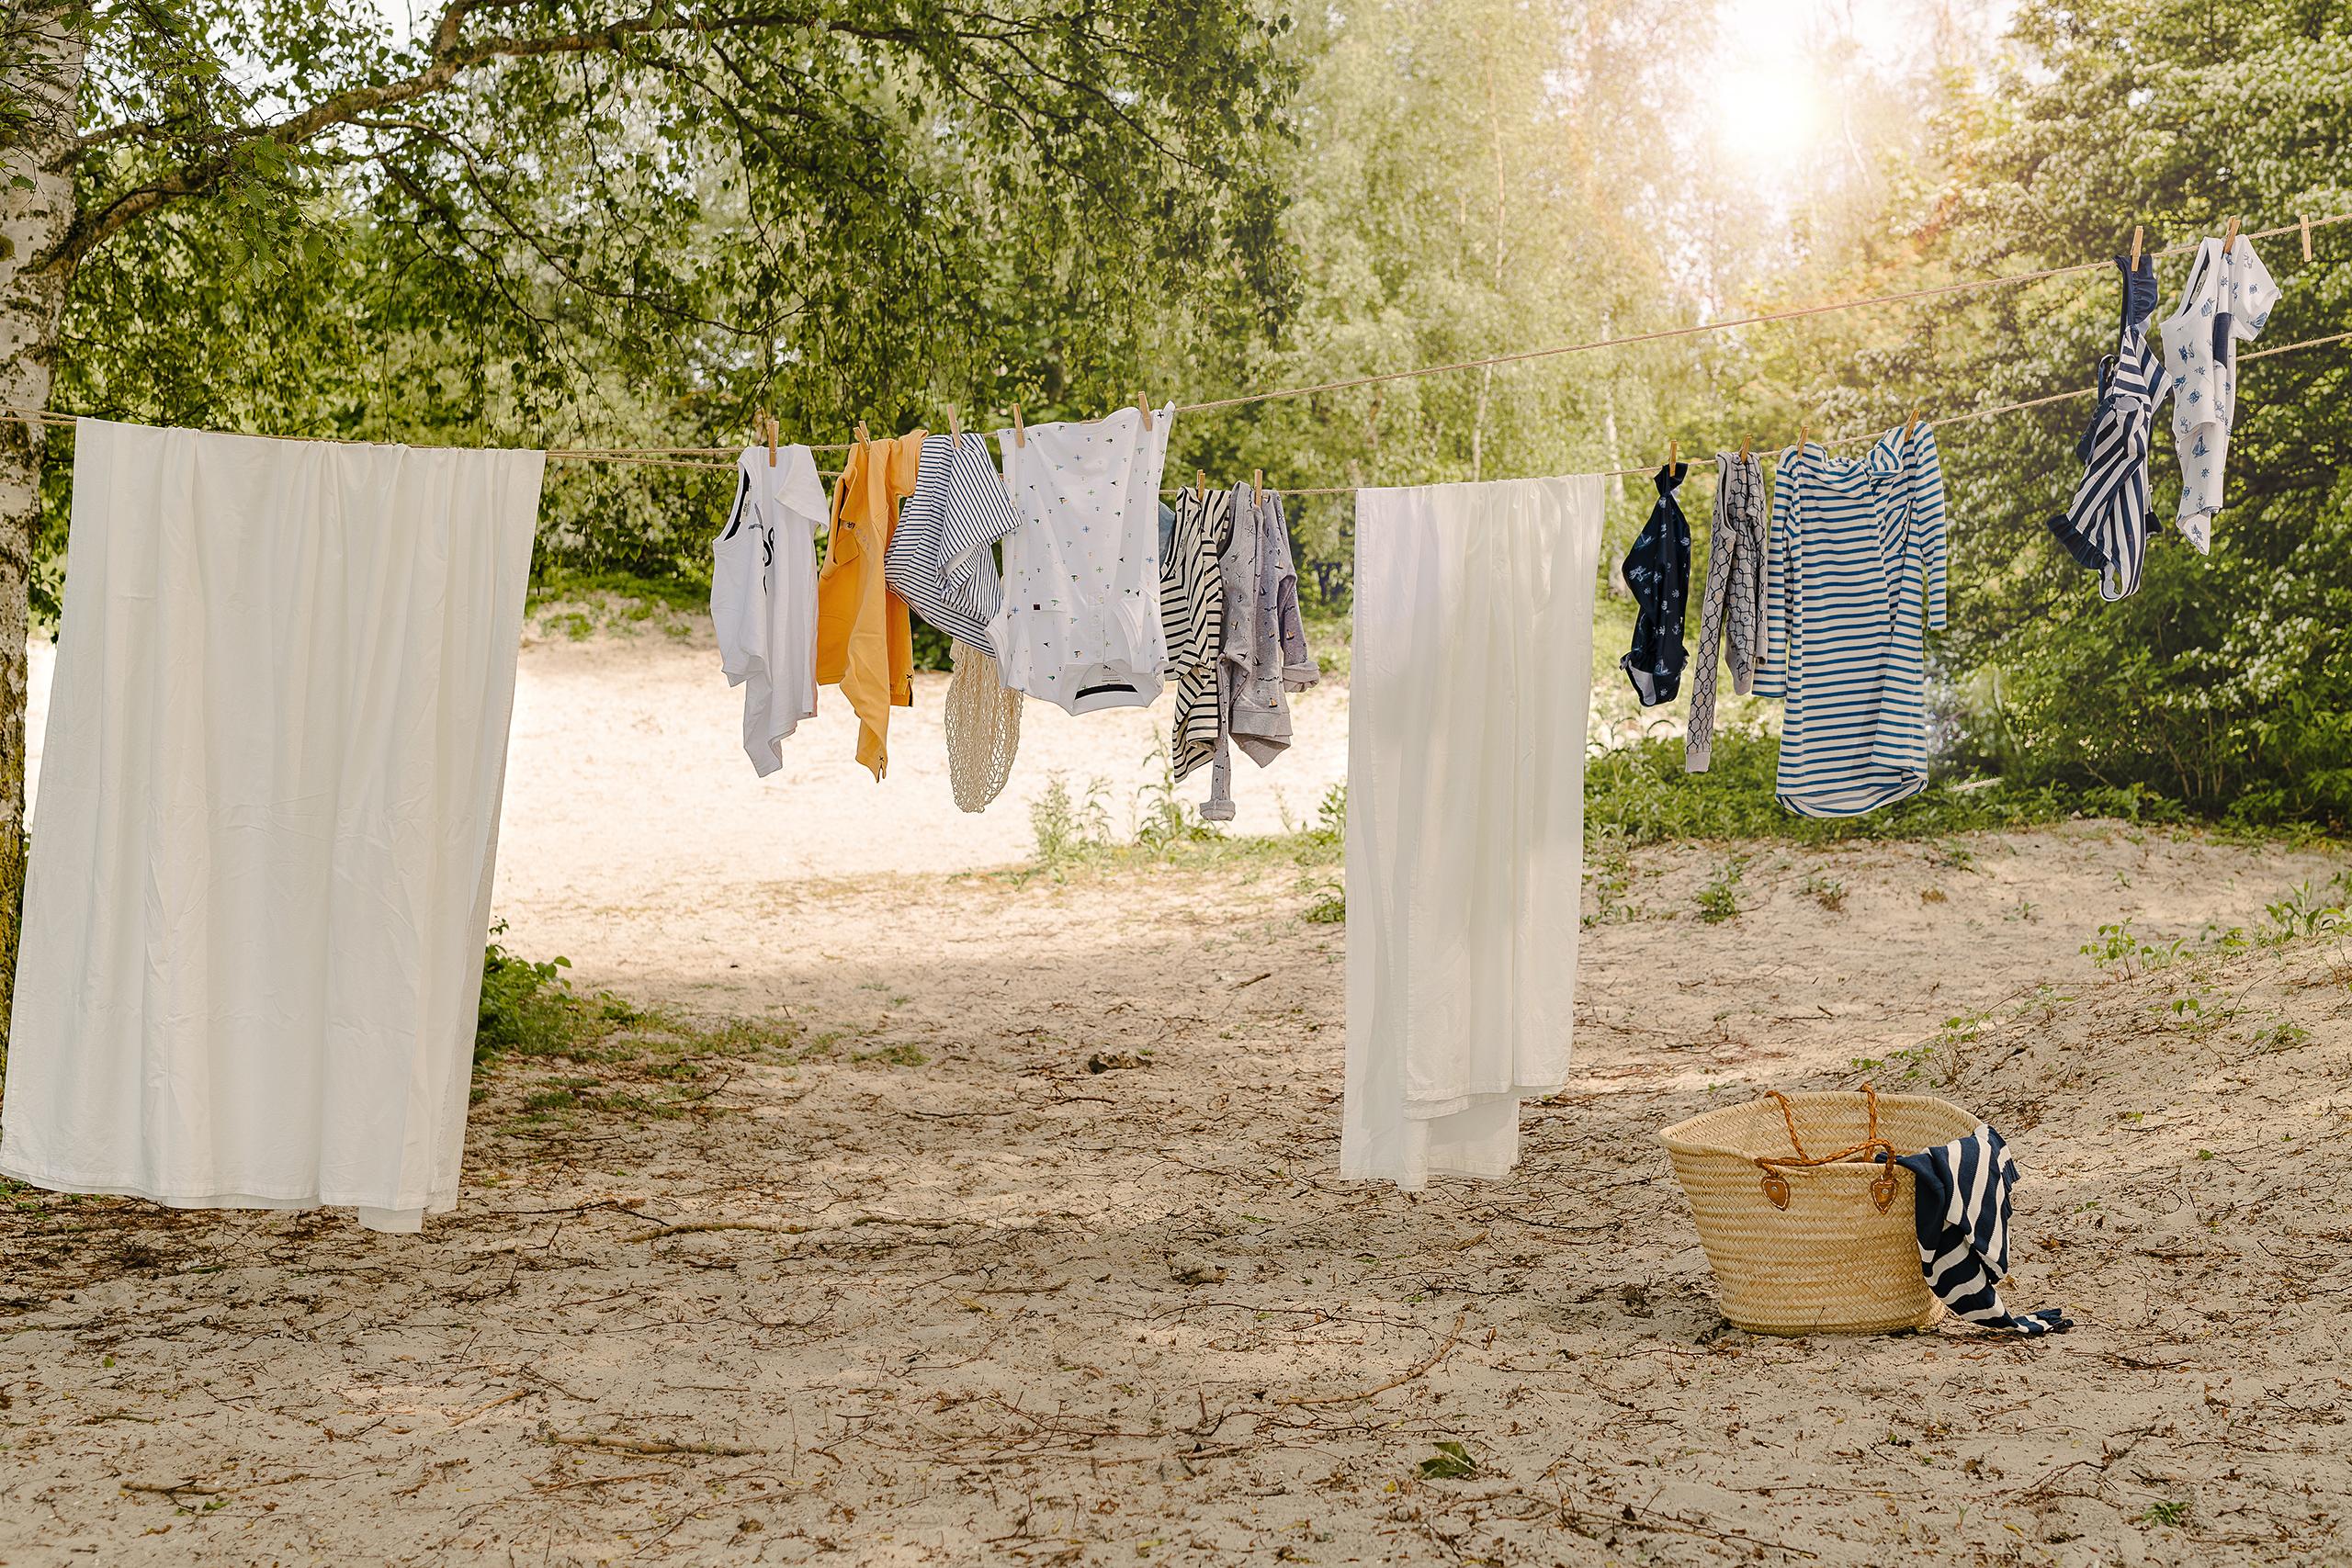 ebbe, ebbekids, SS20, Sunshine, Cloths, Beach, Summer